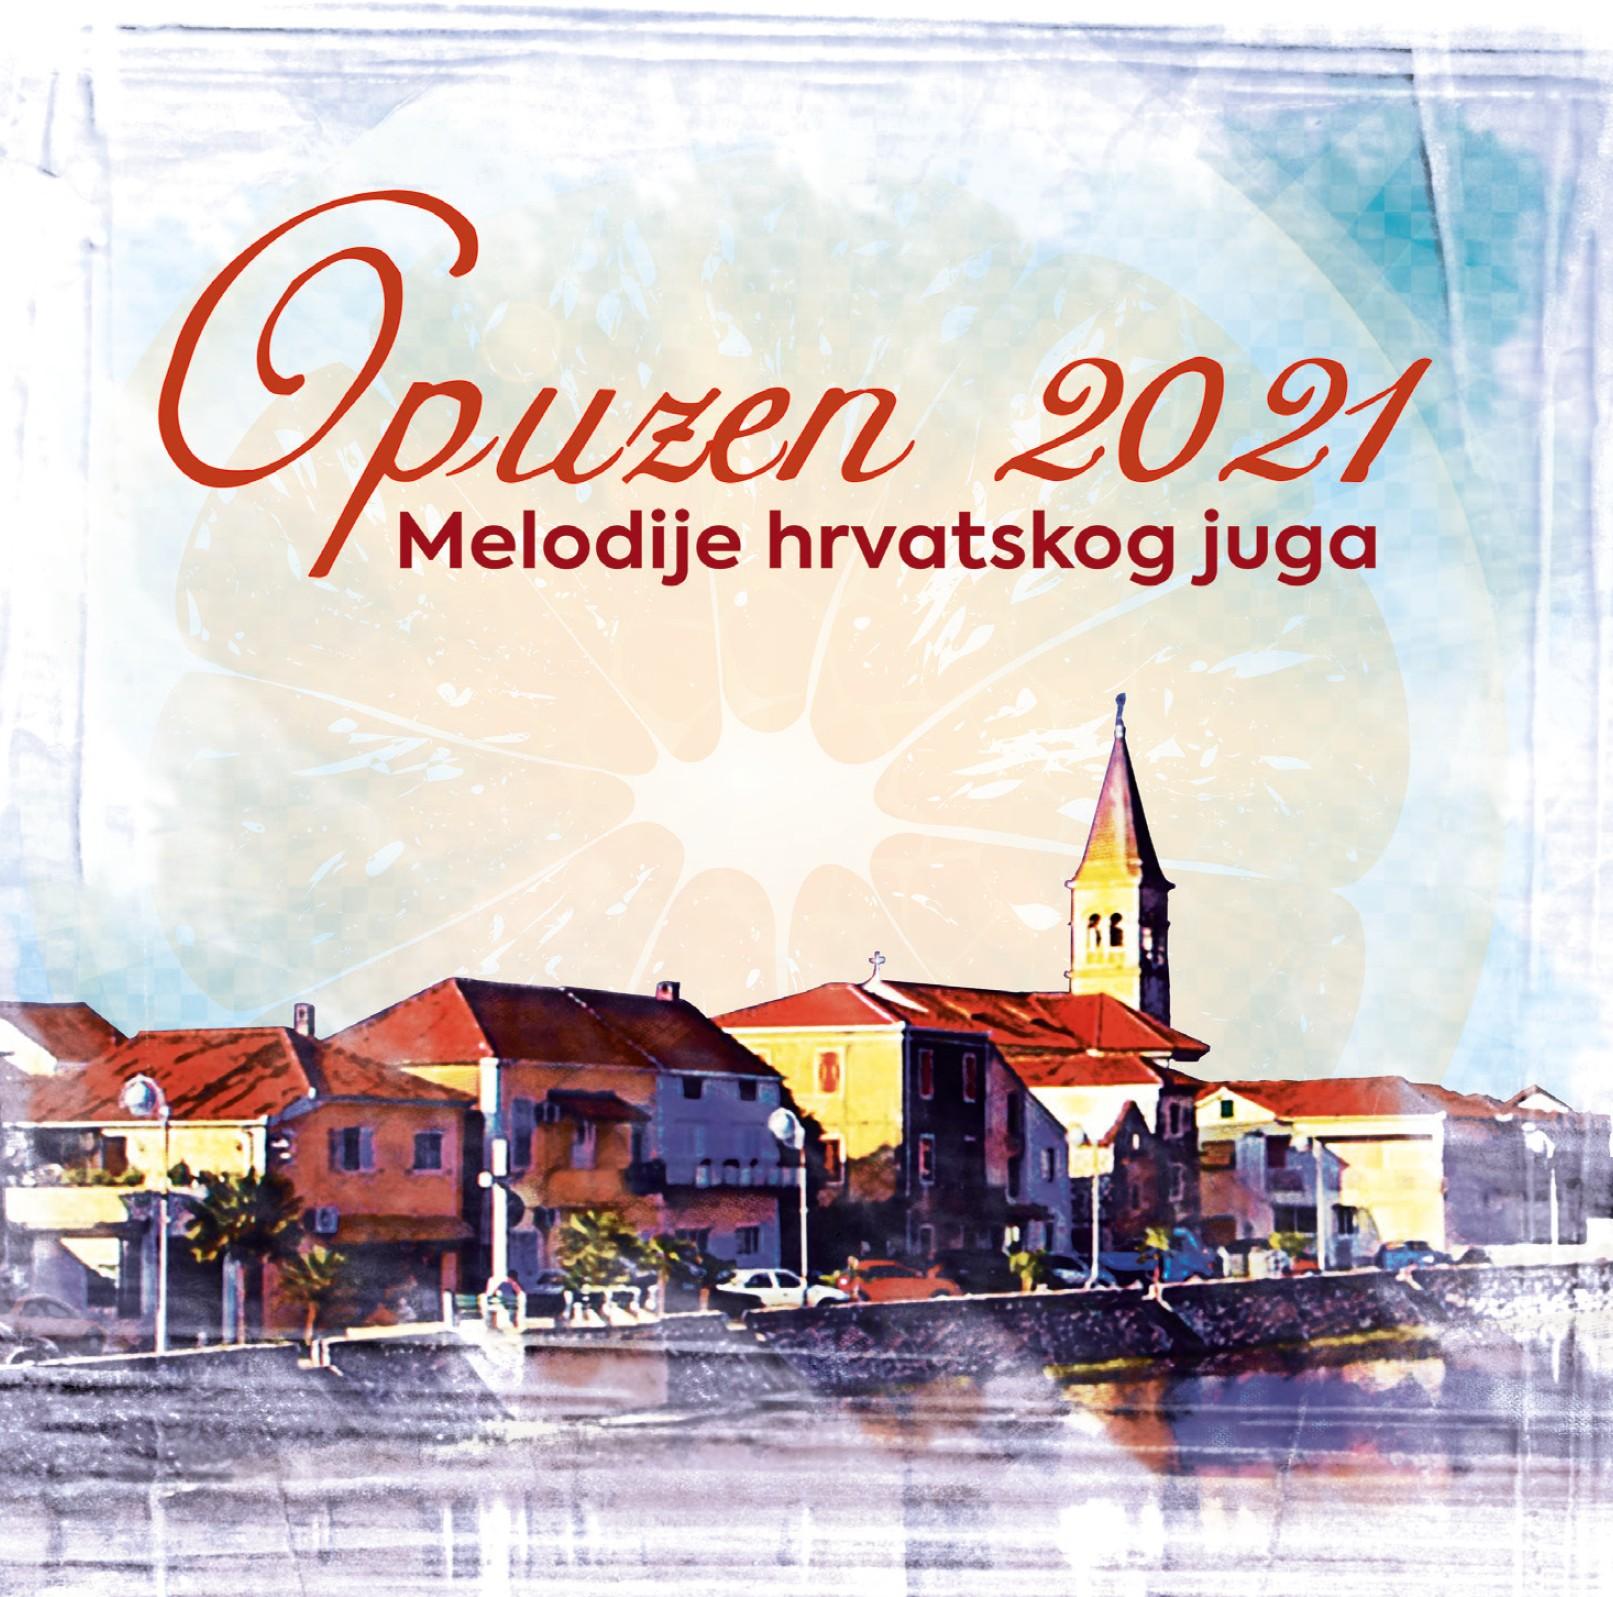 """Pjesme ovogodišnjeg festivala """"Melodije hrvatskog juga, Opuzen 2021"""" objavljene na dvostrukom CD-u"""